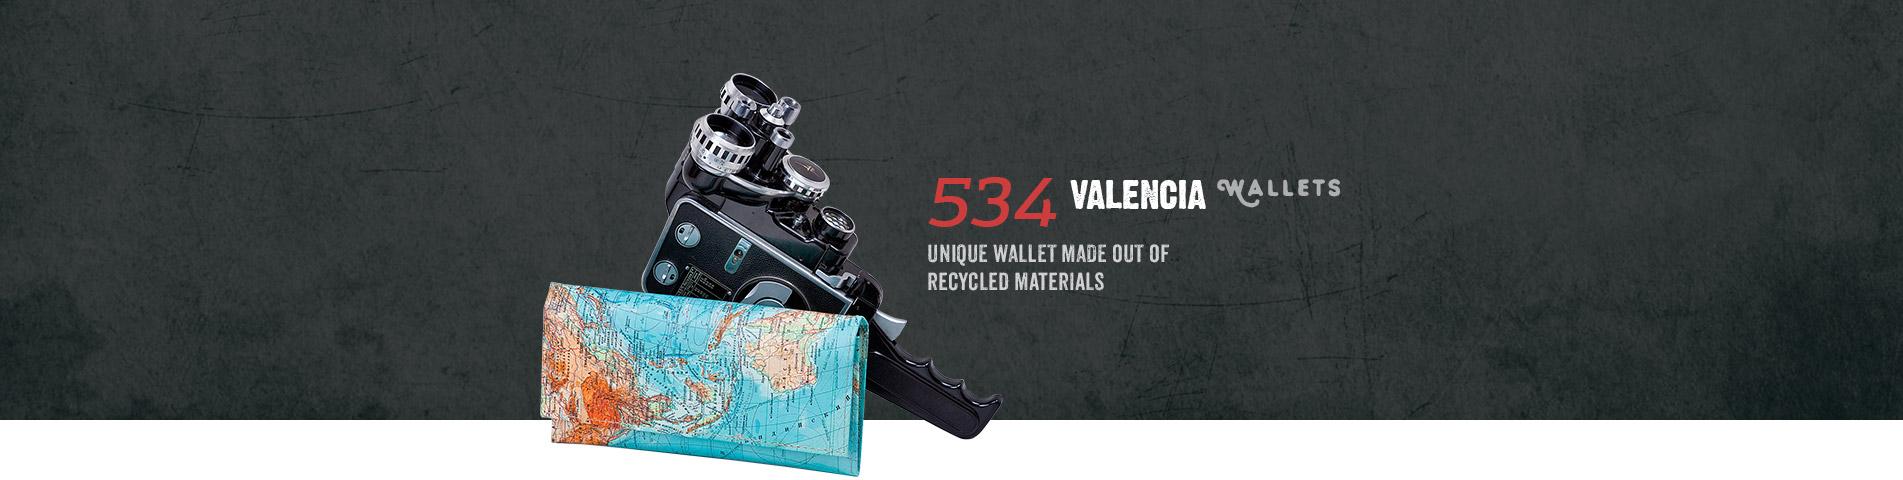 534 Valencia Wallets